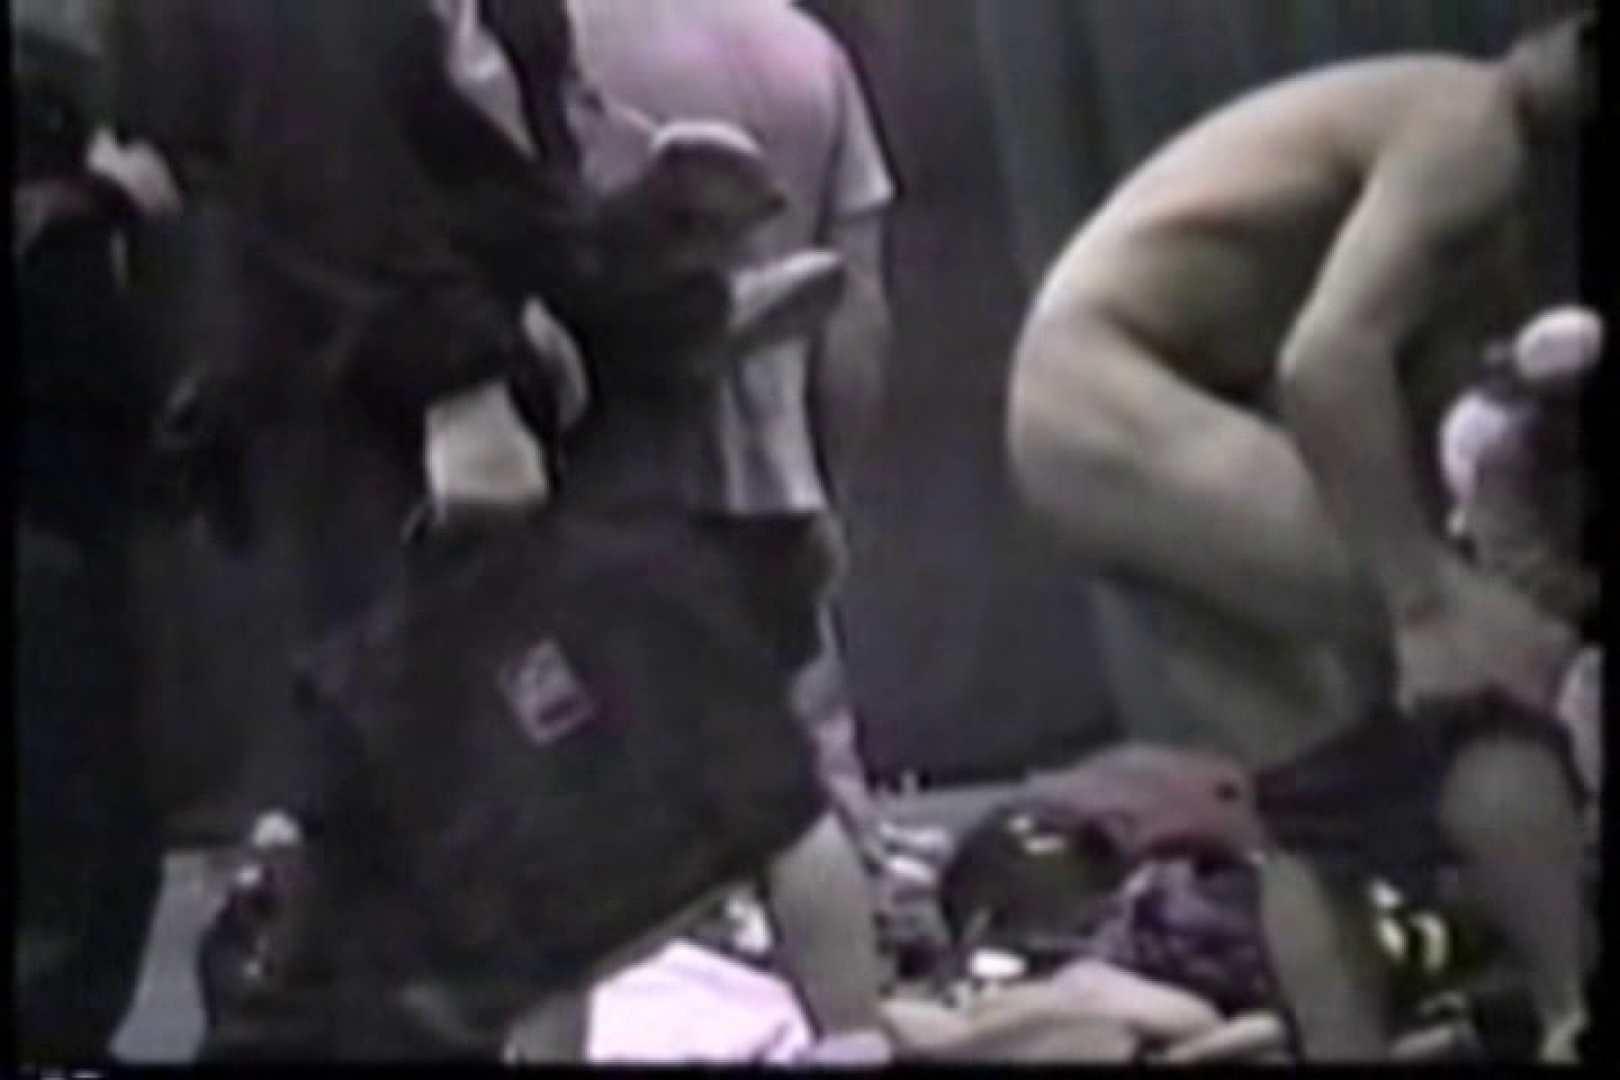 洋人さんの脱衣所を覗いてみました。VOL.6 ガチムチマッチョ系男子 ゲイ精子画像 102枚 81